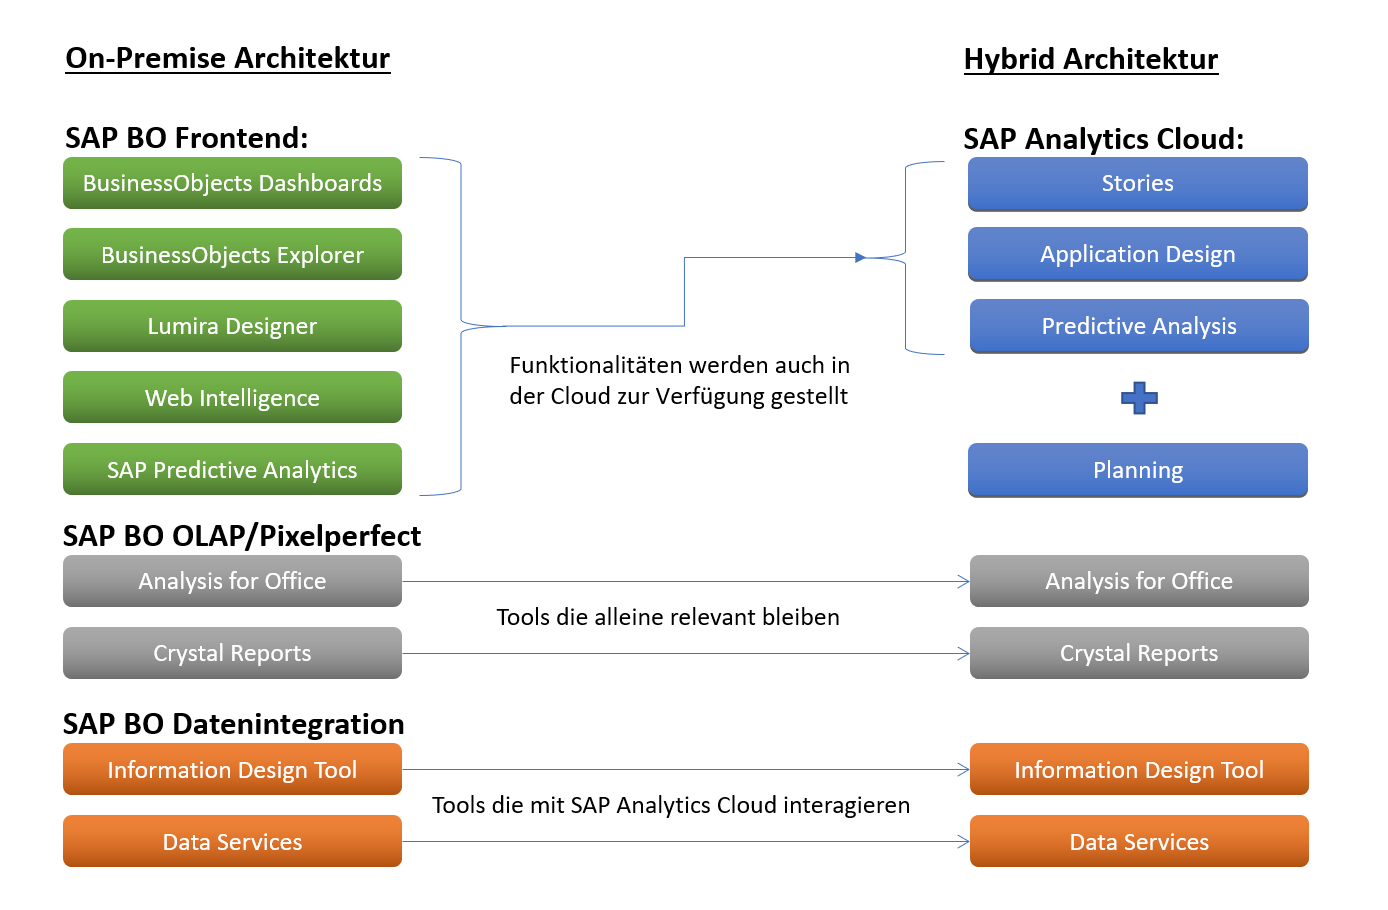 SAP Analytics Cloud - Das Bild stellt die bisherige SAP BI Architektur(BusinessObjects, Lumira Designer, Web Intelligence, SAP Predictive Analysis) sowie die SAP-Funktionalitäten (Stories, Application Design, Predictive Analysis, Planing) gegenüber und zeigt welche Tools alleine relevant bleiben und welche Funktionen in der Cloud abgebildet werden können.